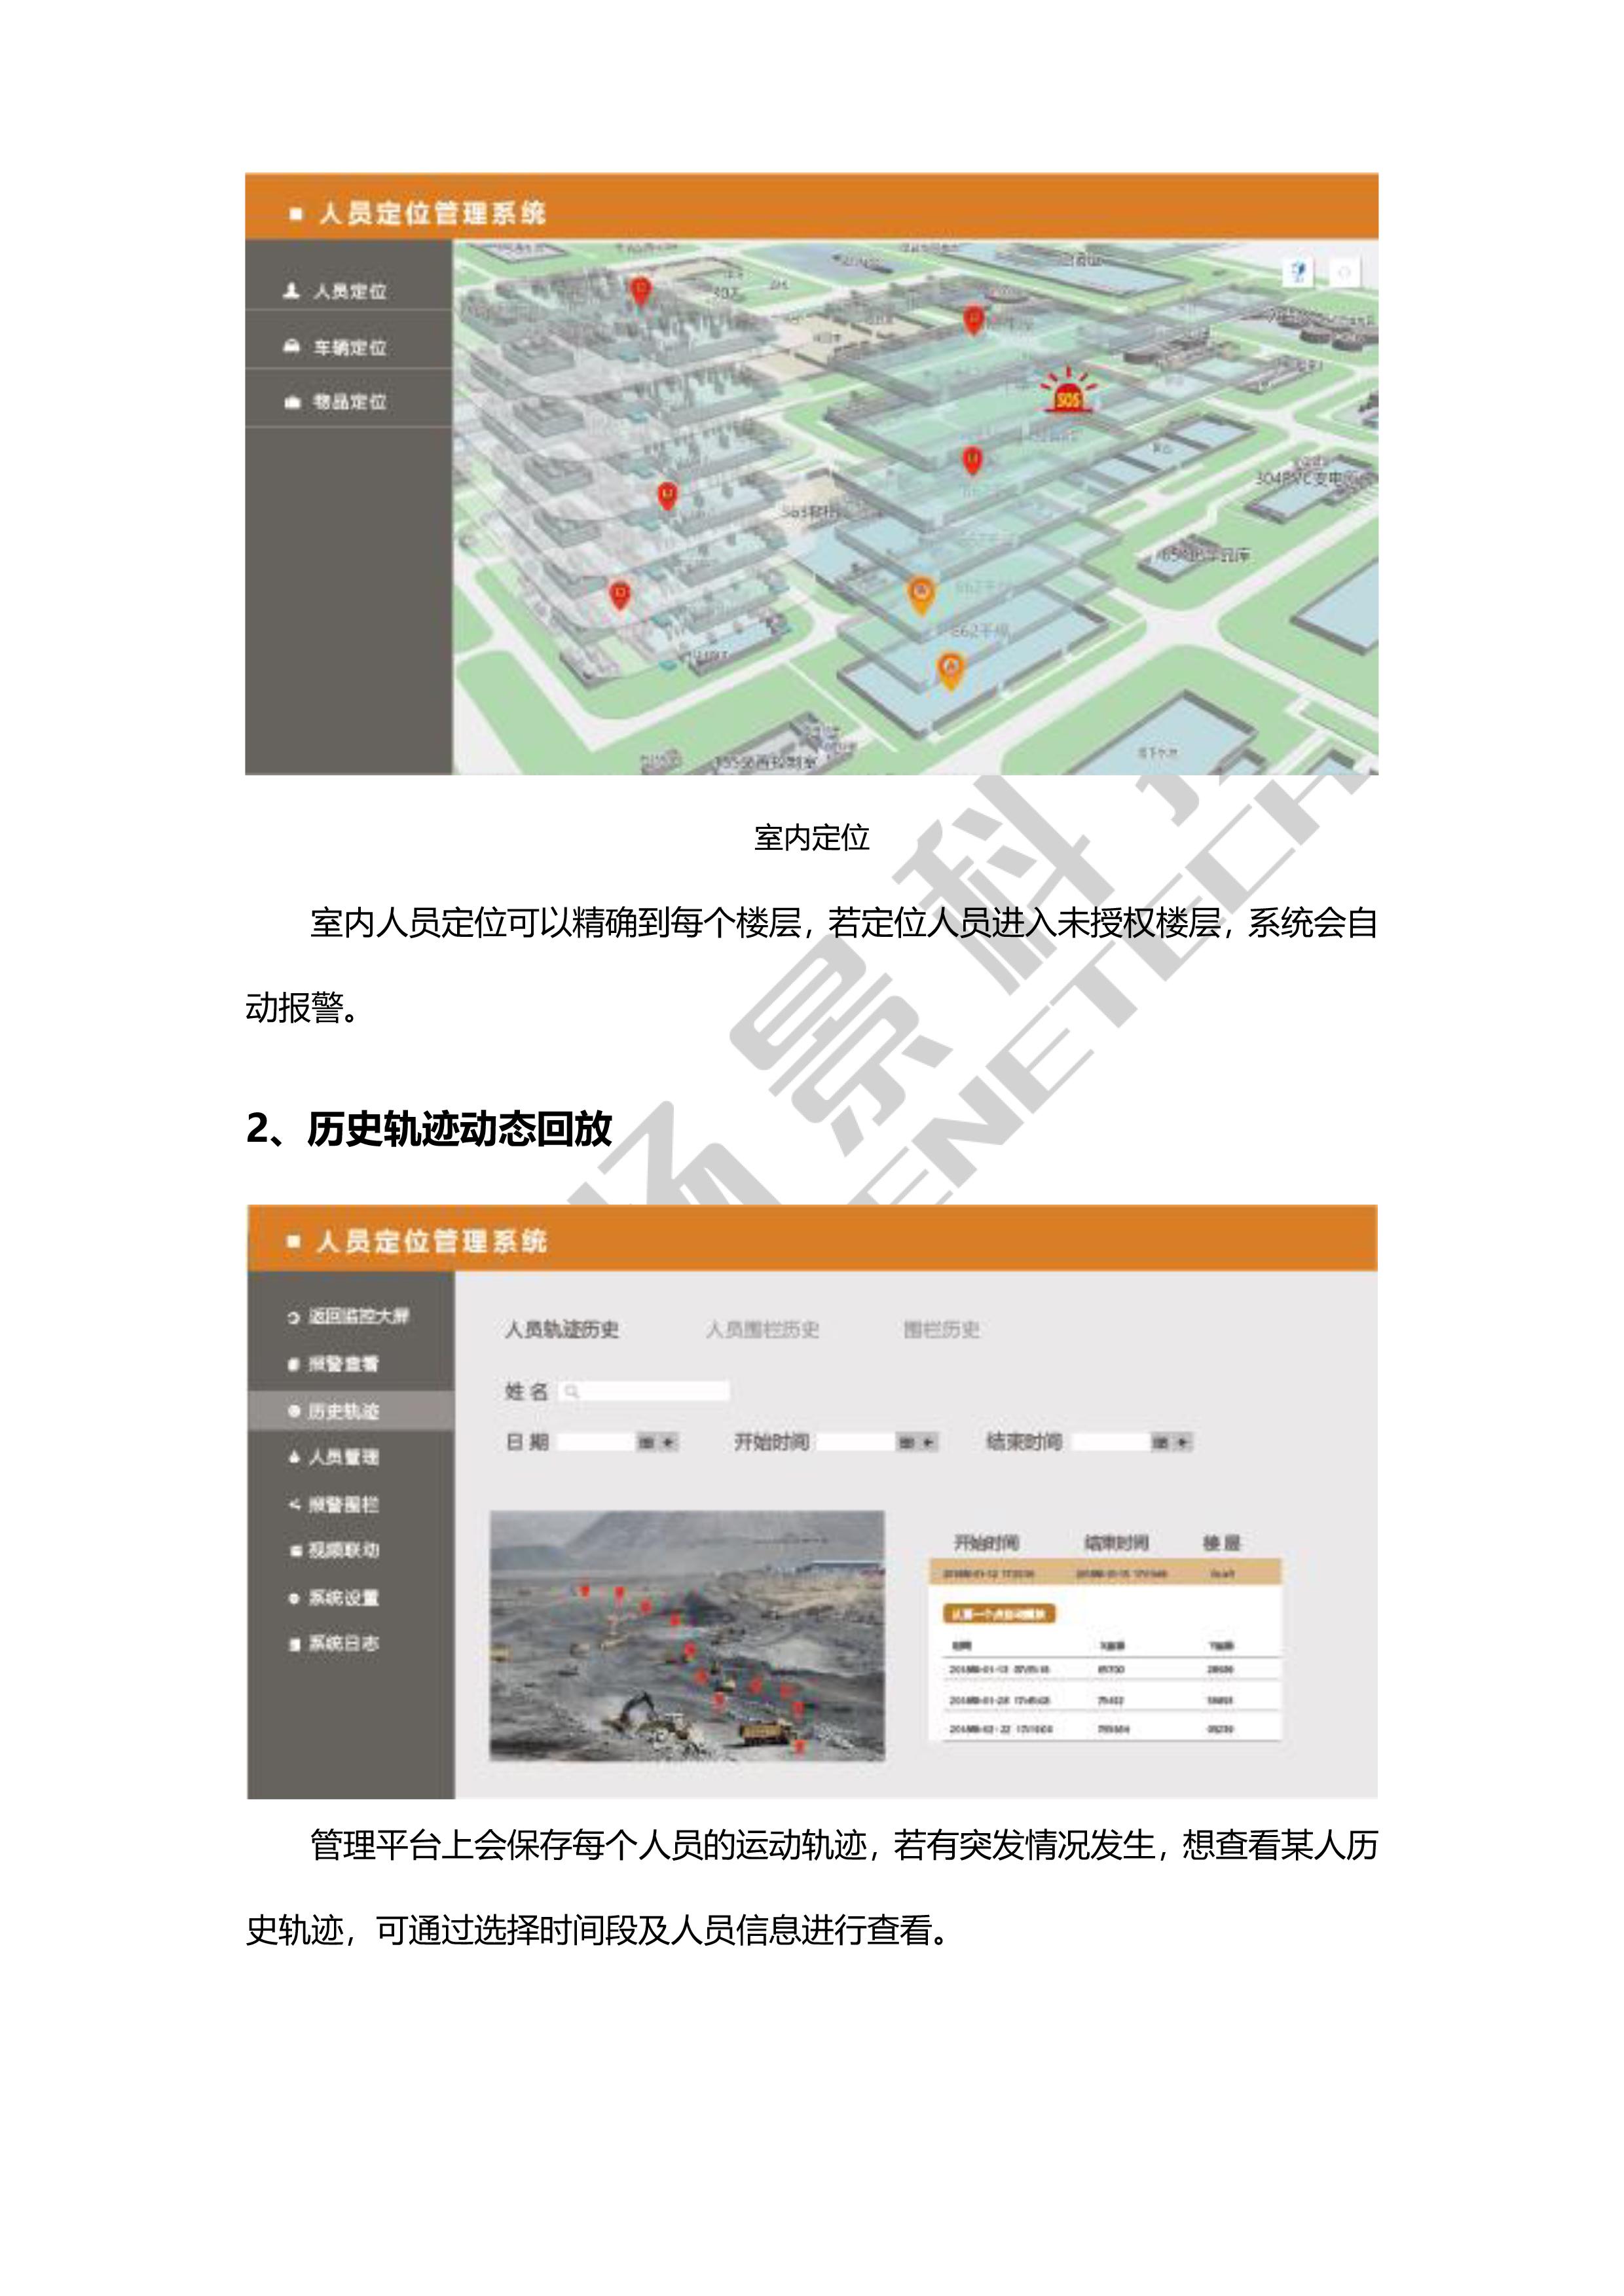 11111采石场、露天煤矿蓝牙+GPS人员定位管理系统解决方案-6